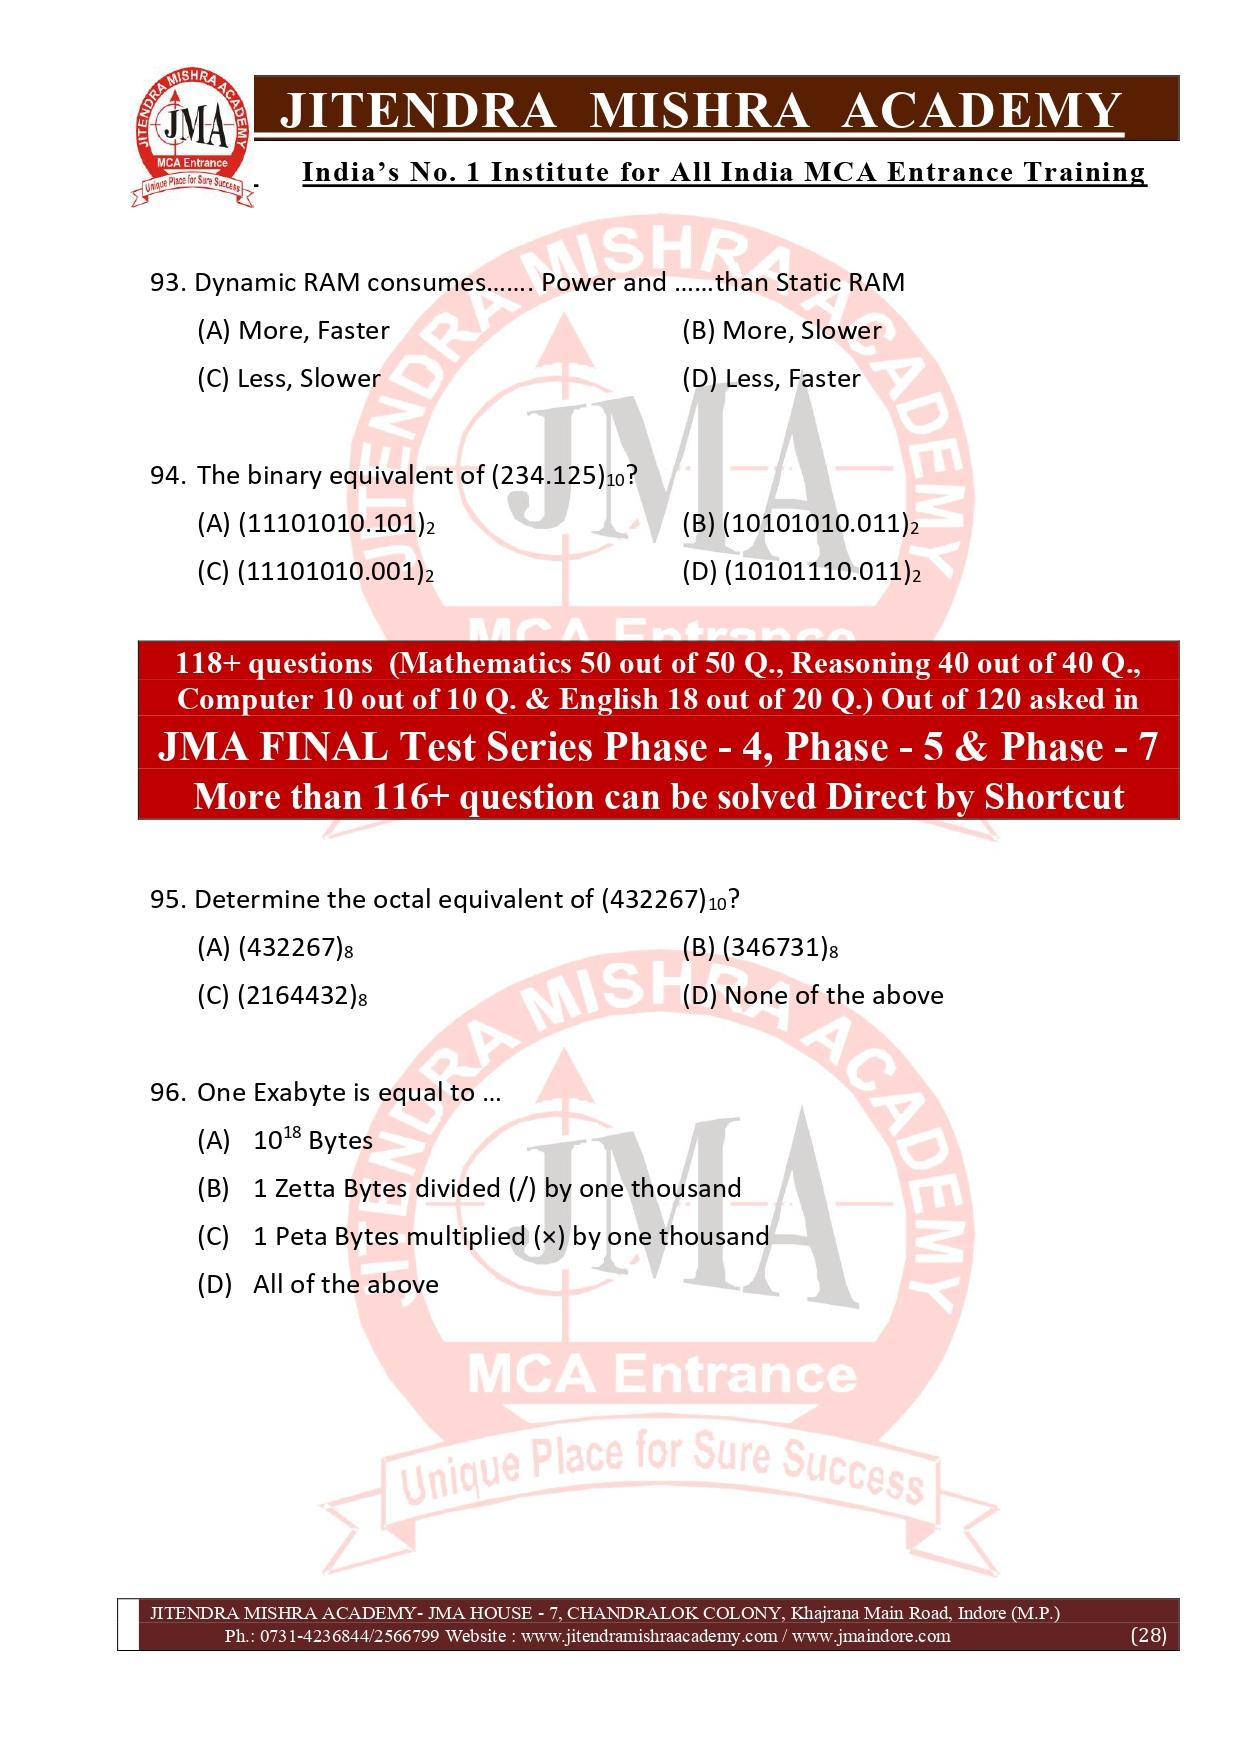 NIMCET 2020 QUESTION PAPER (FINAL)_page-0028